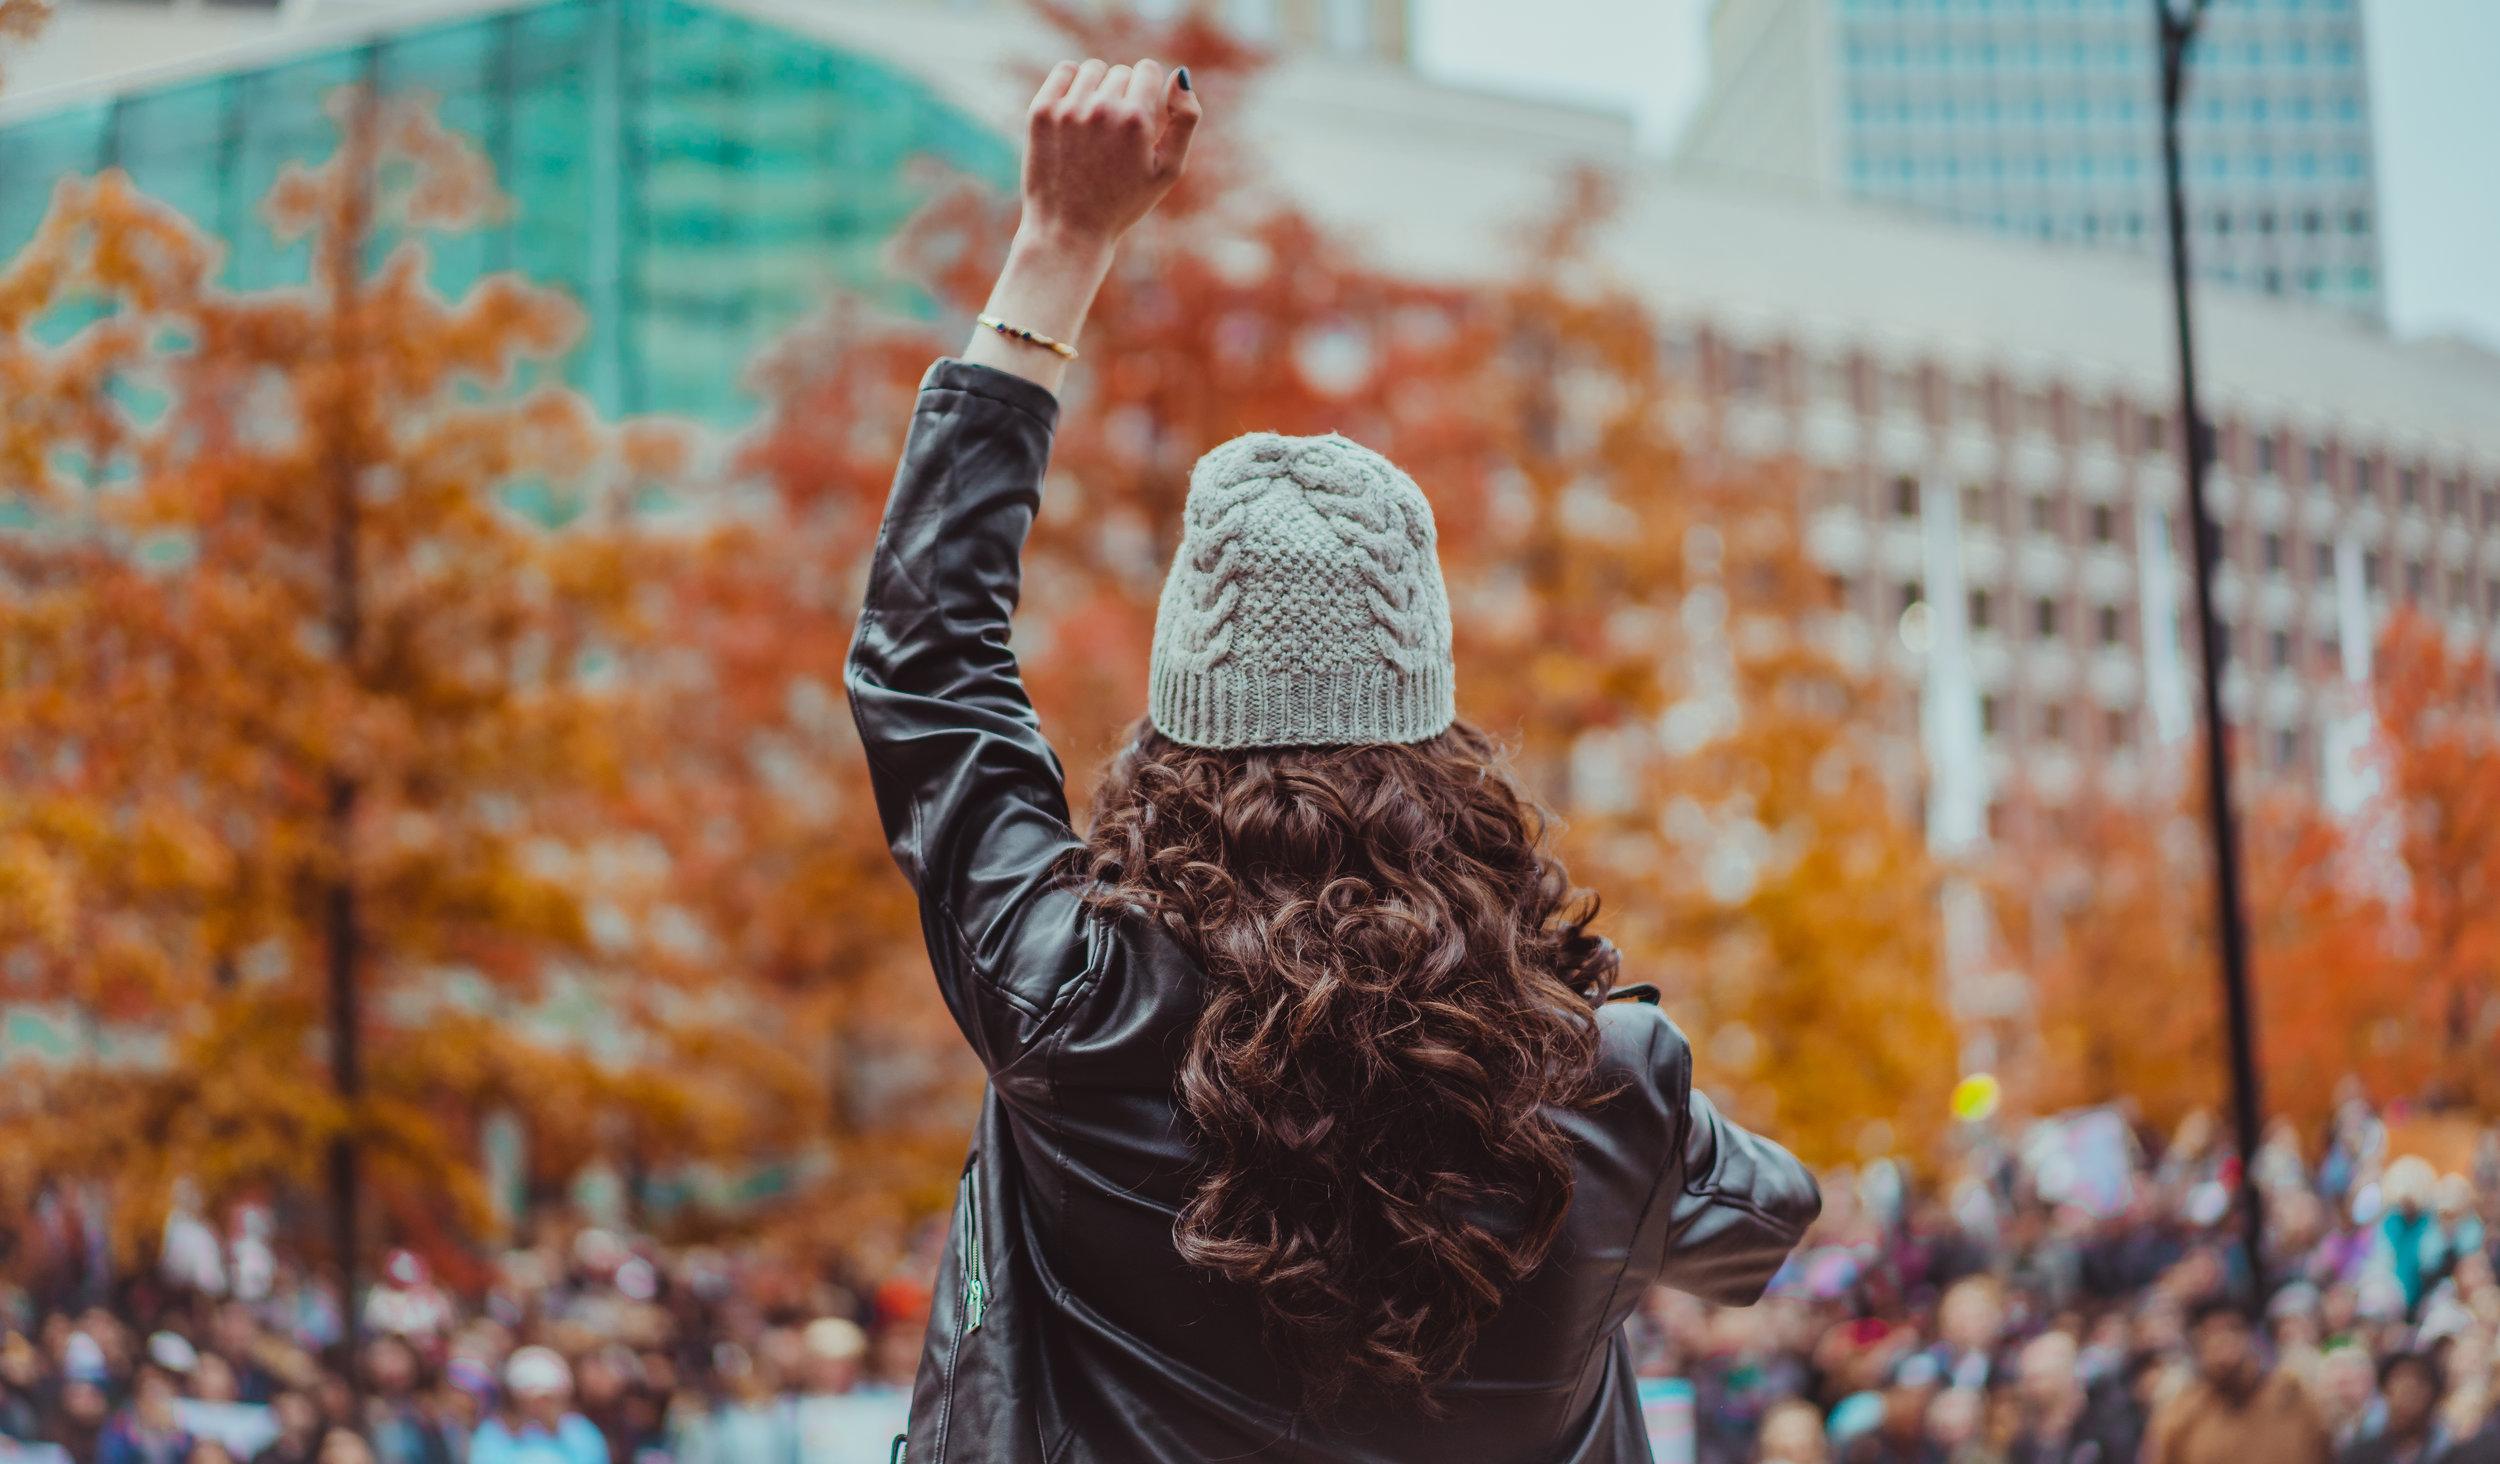 Jackie Rae at Boston Trans Rights Rally 2018